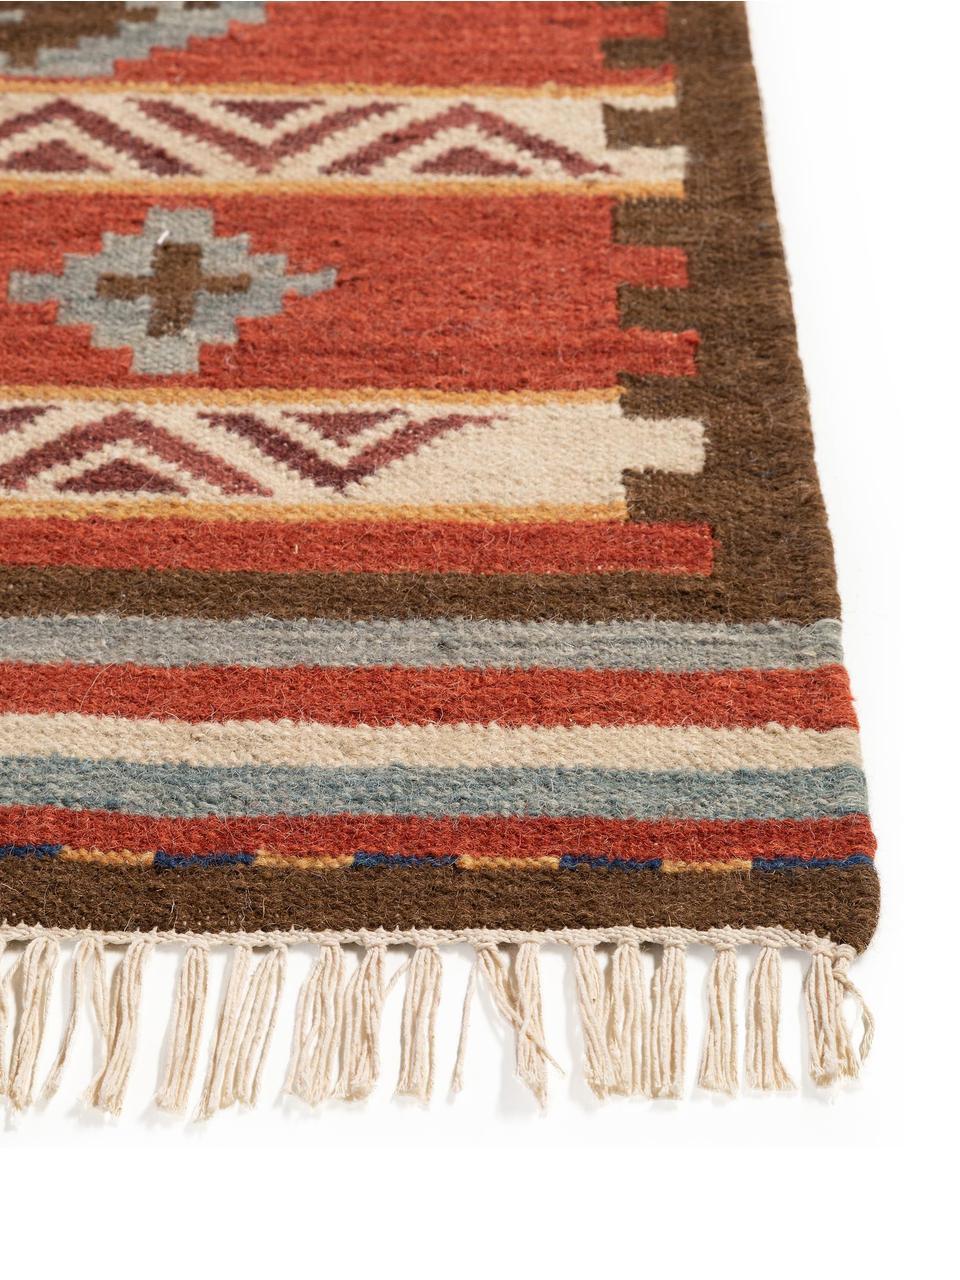 Tappeto in lana tessuto a mano Zohra, Retro: lana, Rosso, multicolore, Larg. 160 x Lung. 230 cm (taglia M)